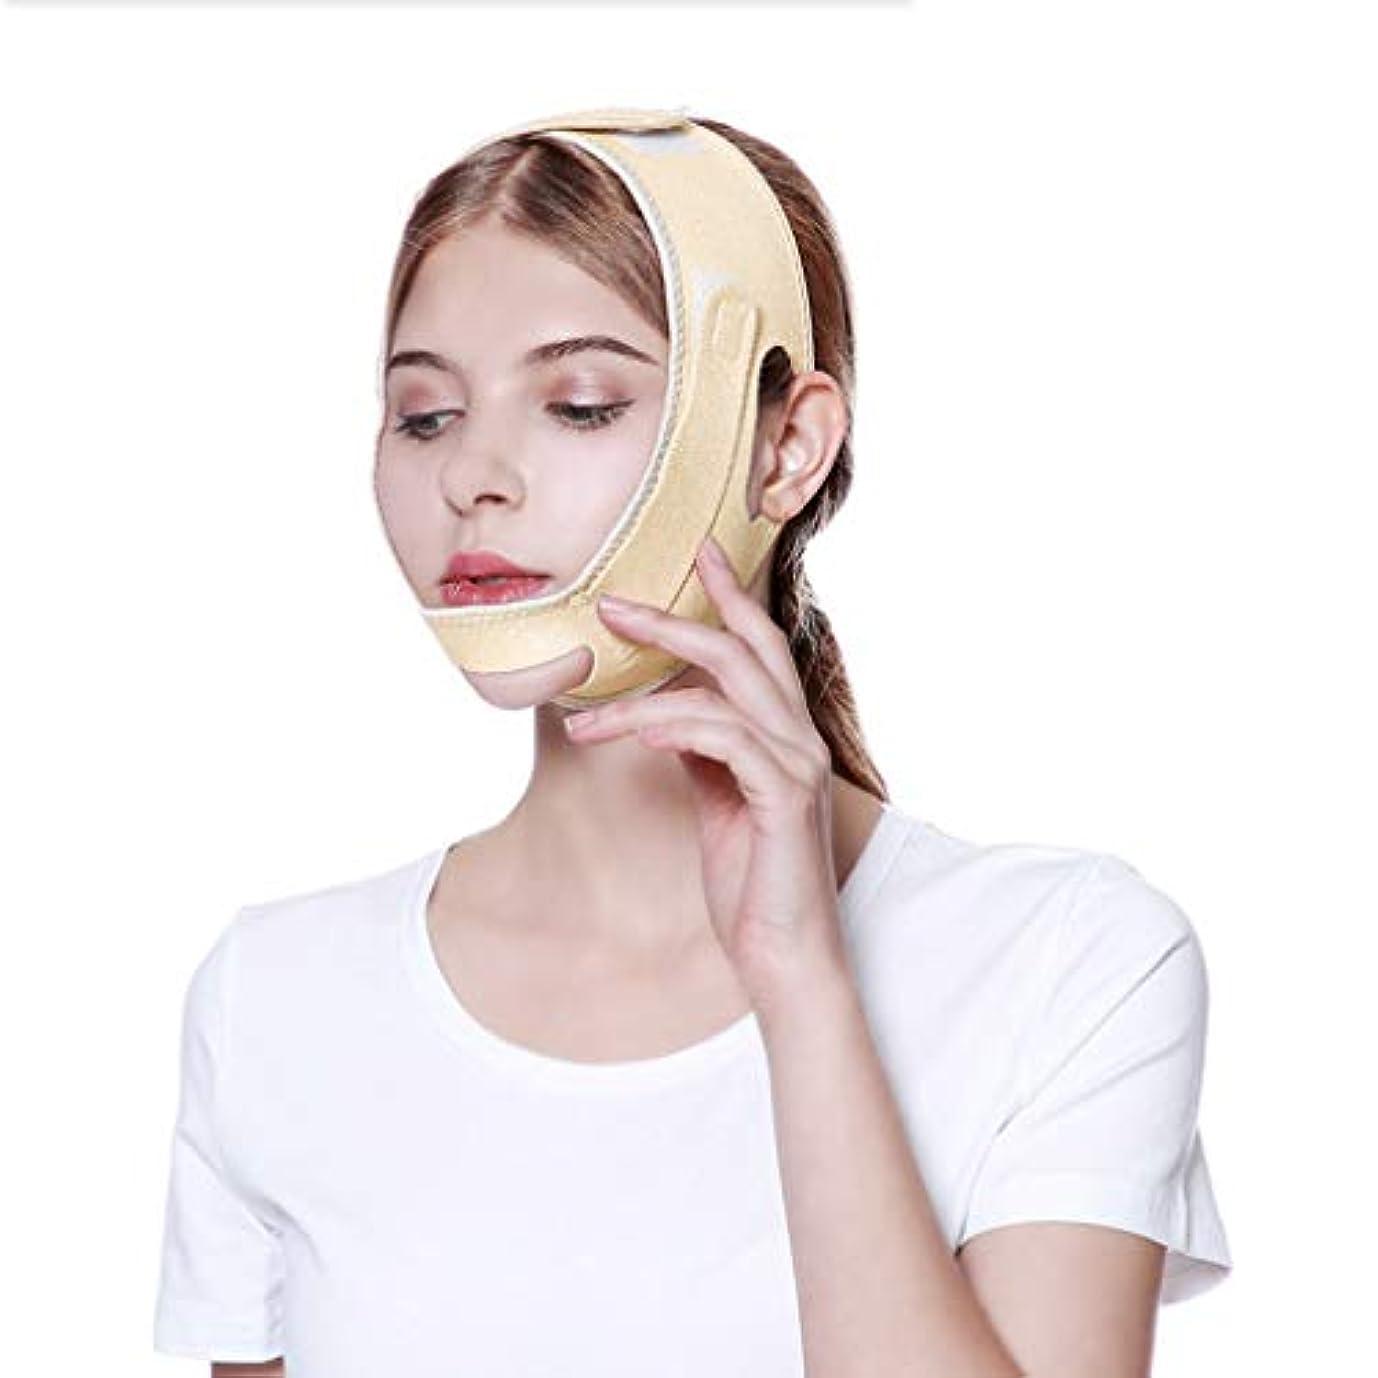 町見分ける厄介な顔面重量損失顔包帯 v 顔楽器顔ツールマスクライン彫刻手術回復ヘッドギアダブルあご